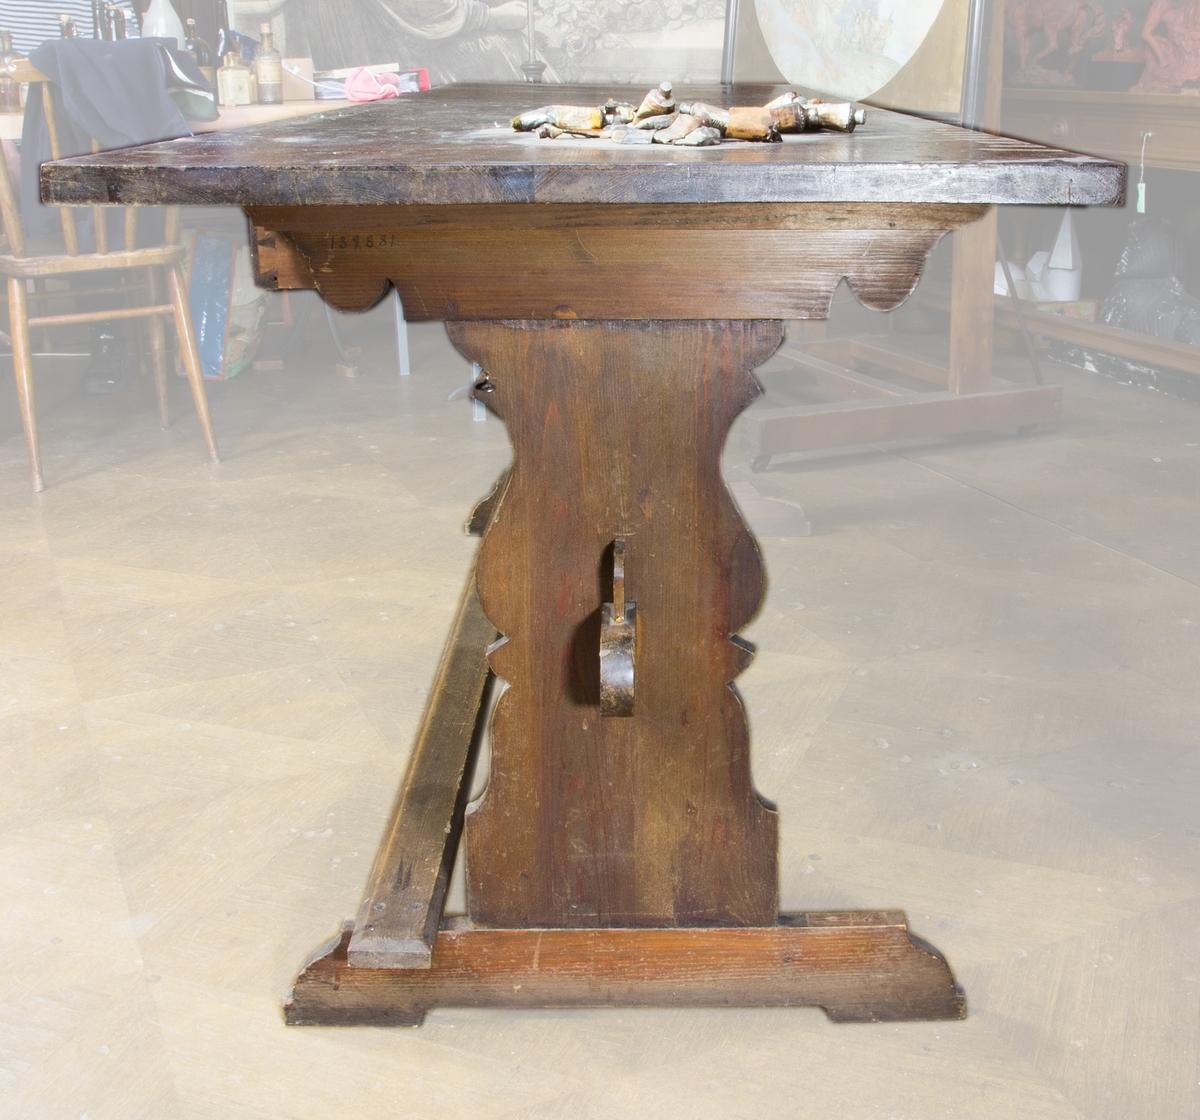 Bord, bockbord av brunbetsad furu. Rektangulär skiva, profilerade gavelben. Tre lådor med dragknoppar. Fotstöd längs ena sidan. Oljefärgsrester och fläckar på skivan.